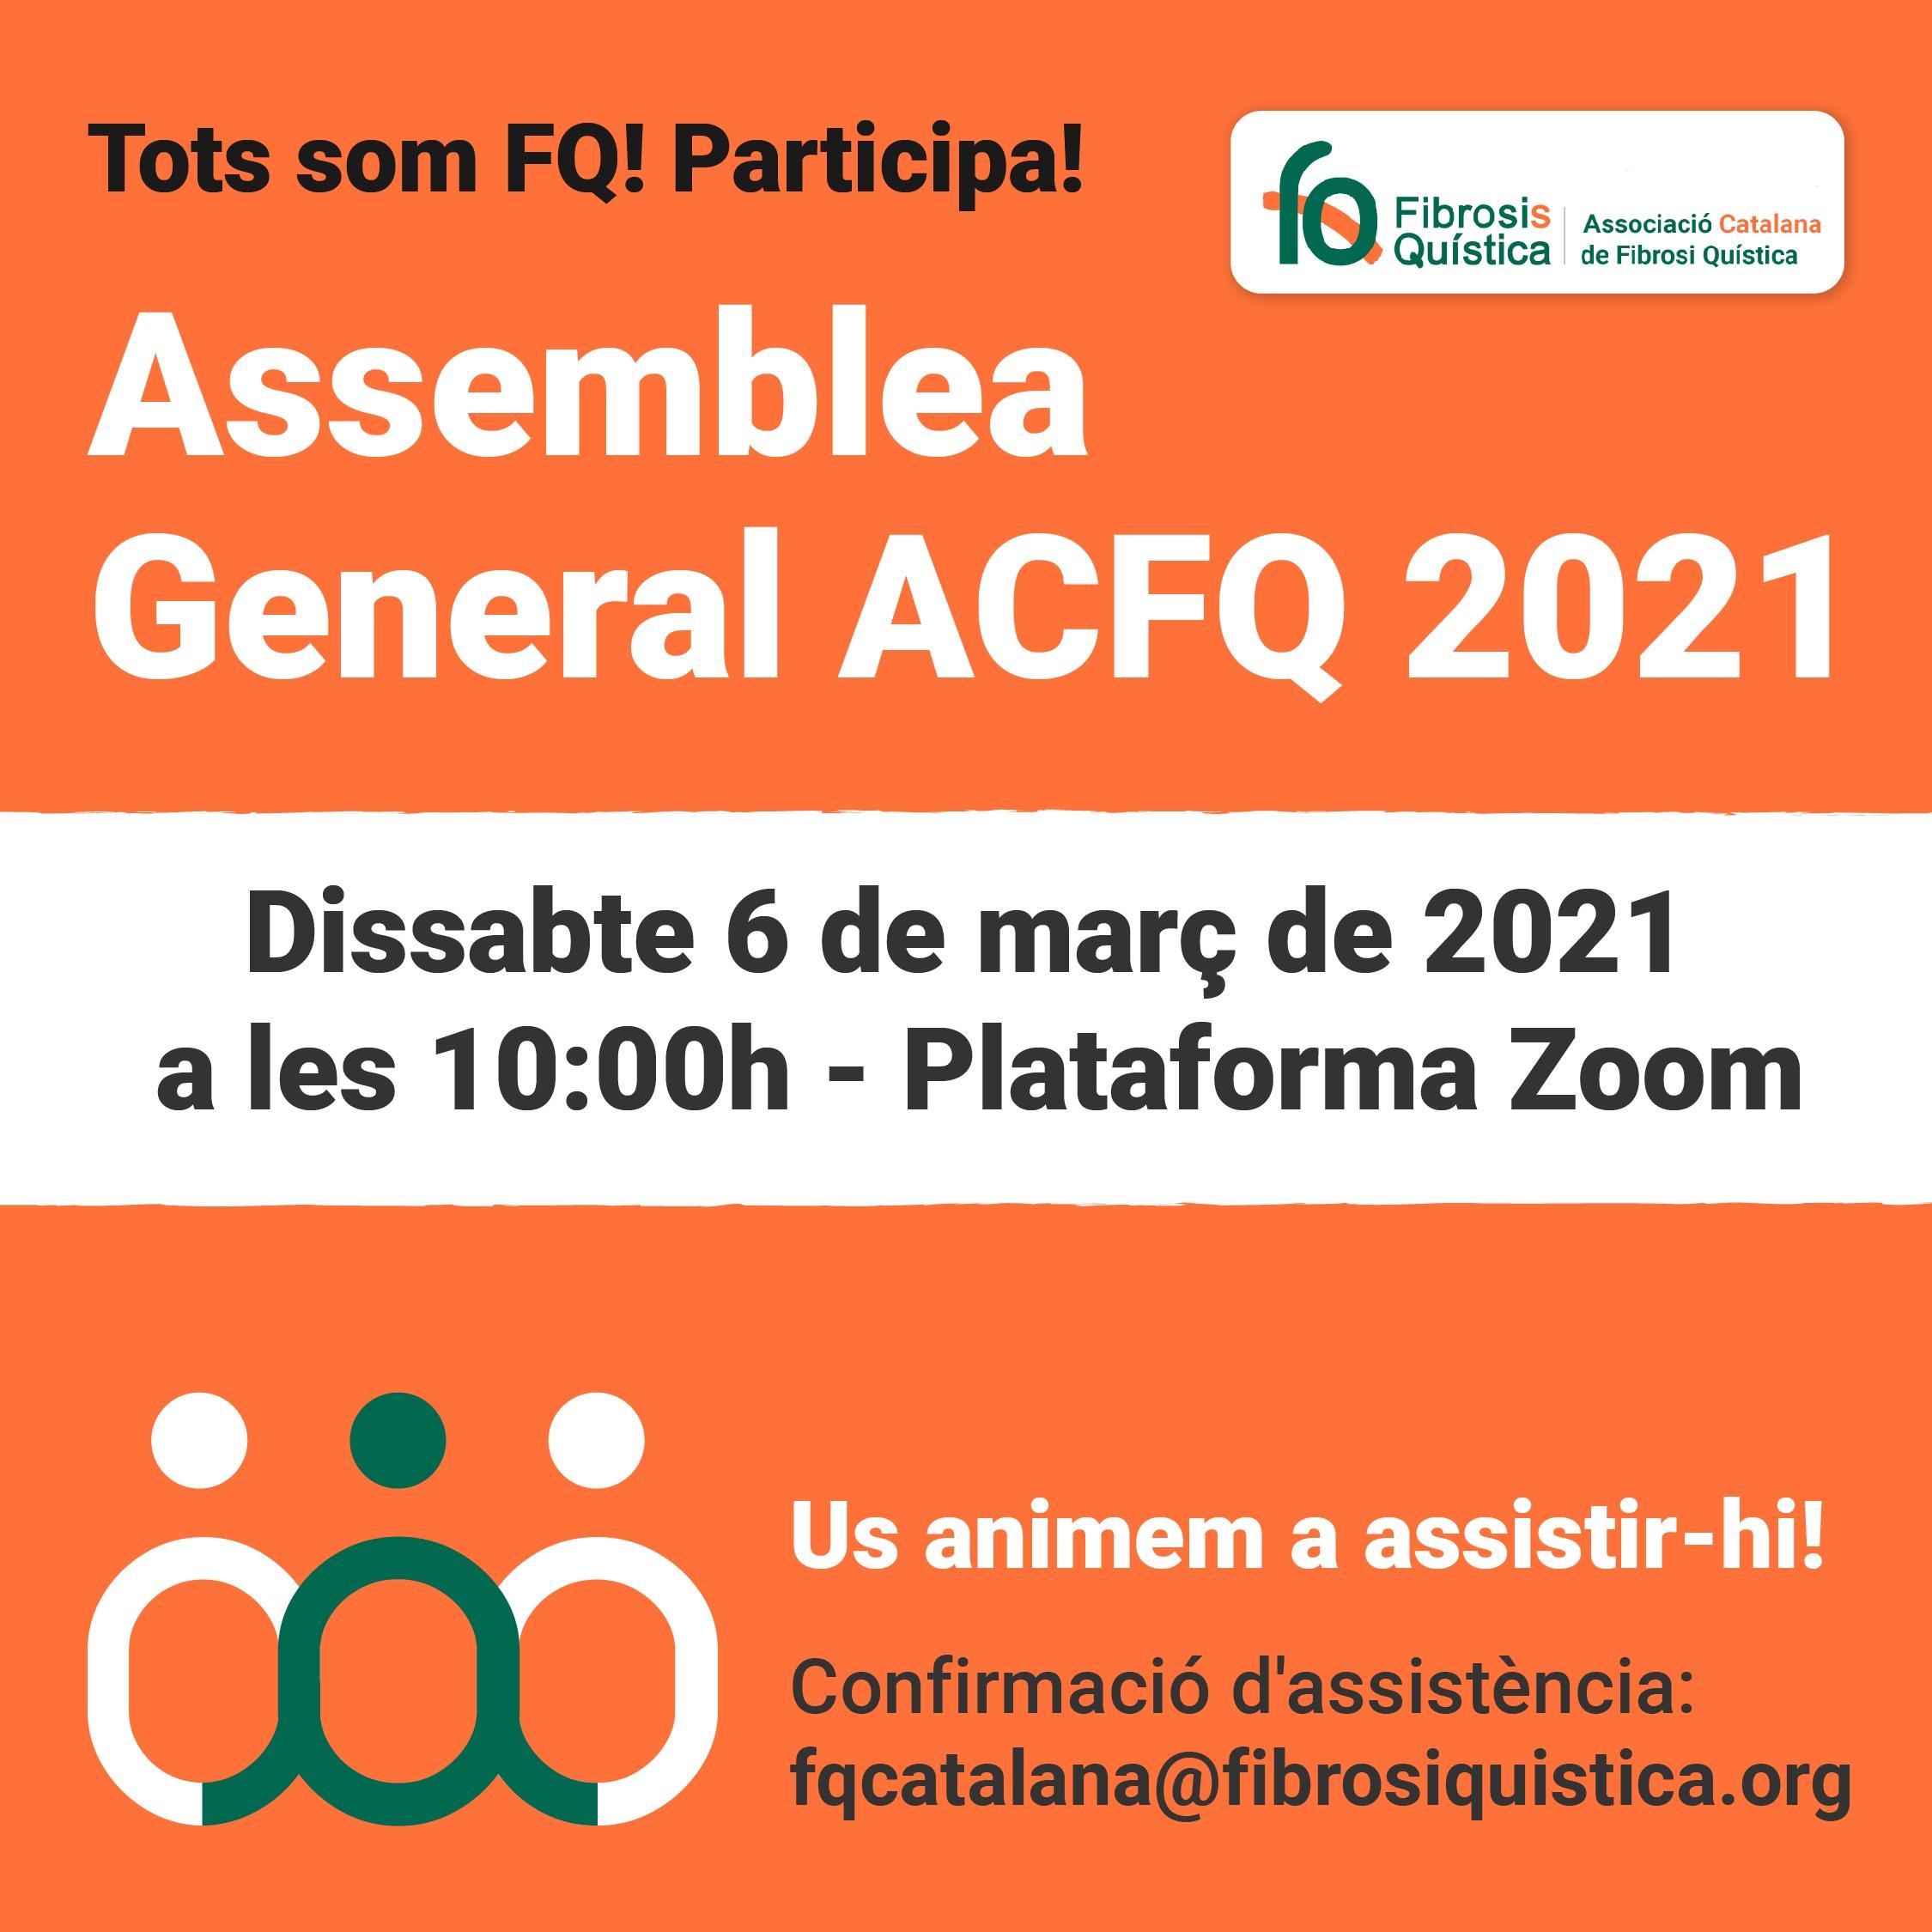 Assemblea General ACFQ